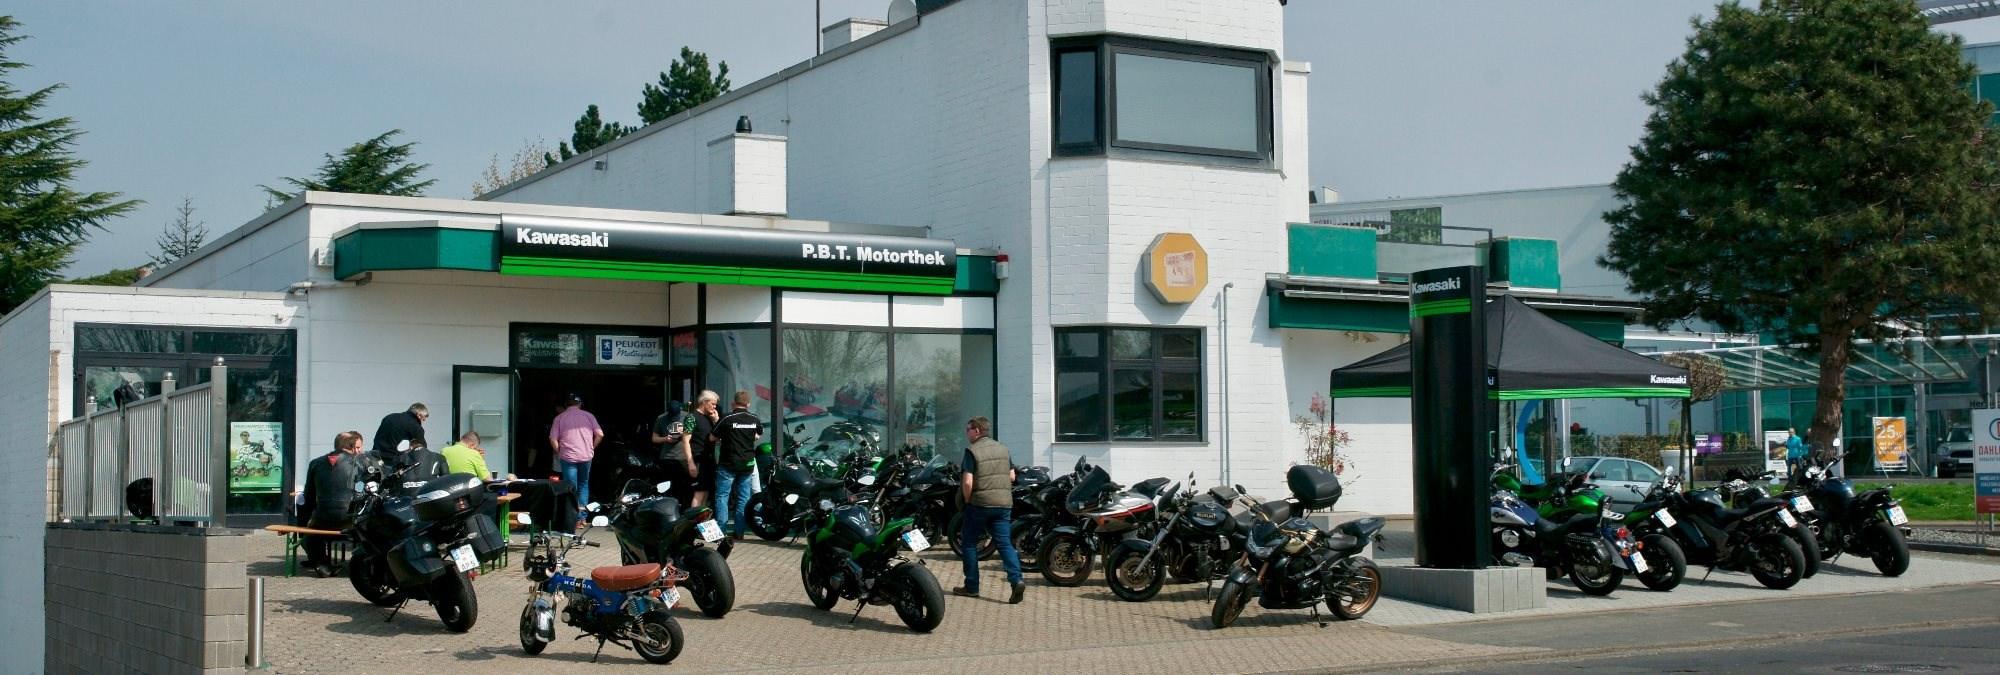 Die PBT Motorthek in Bergheim-Zieverich